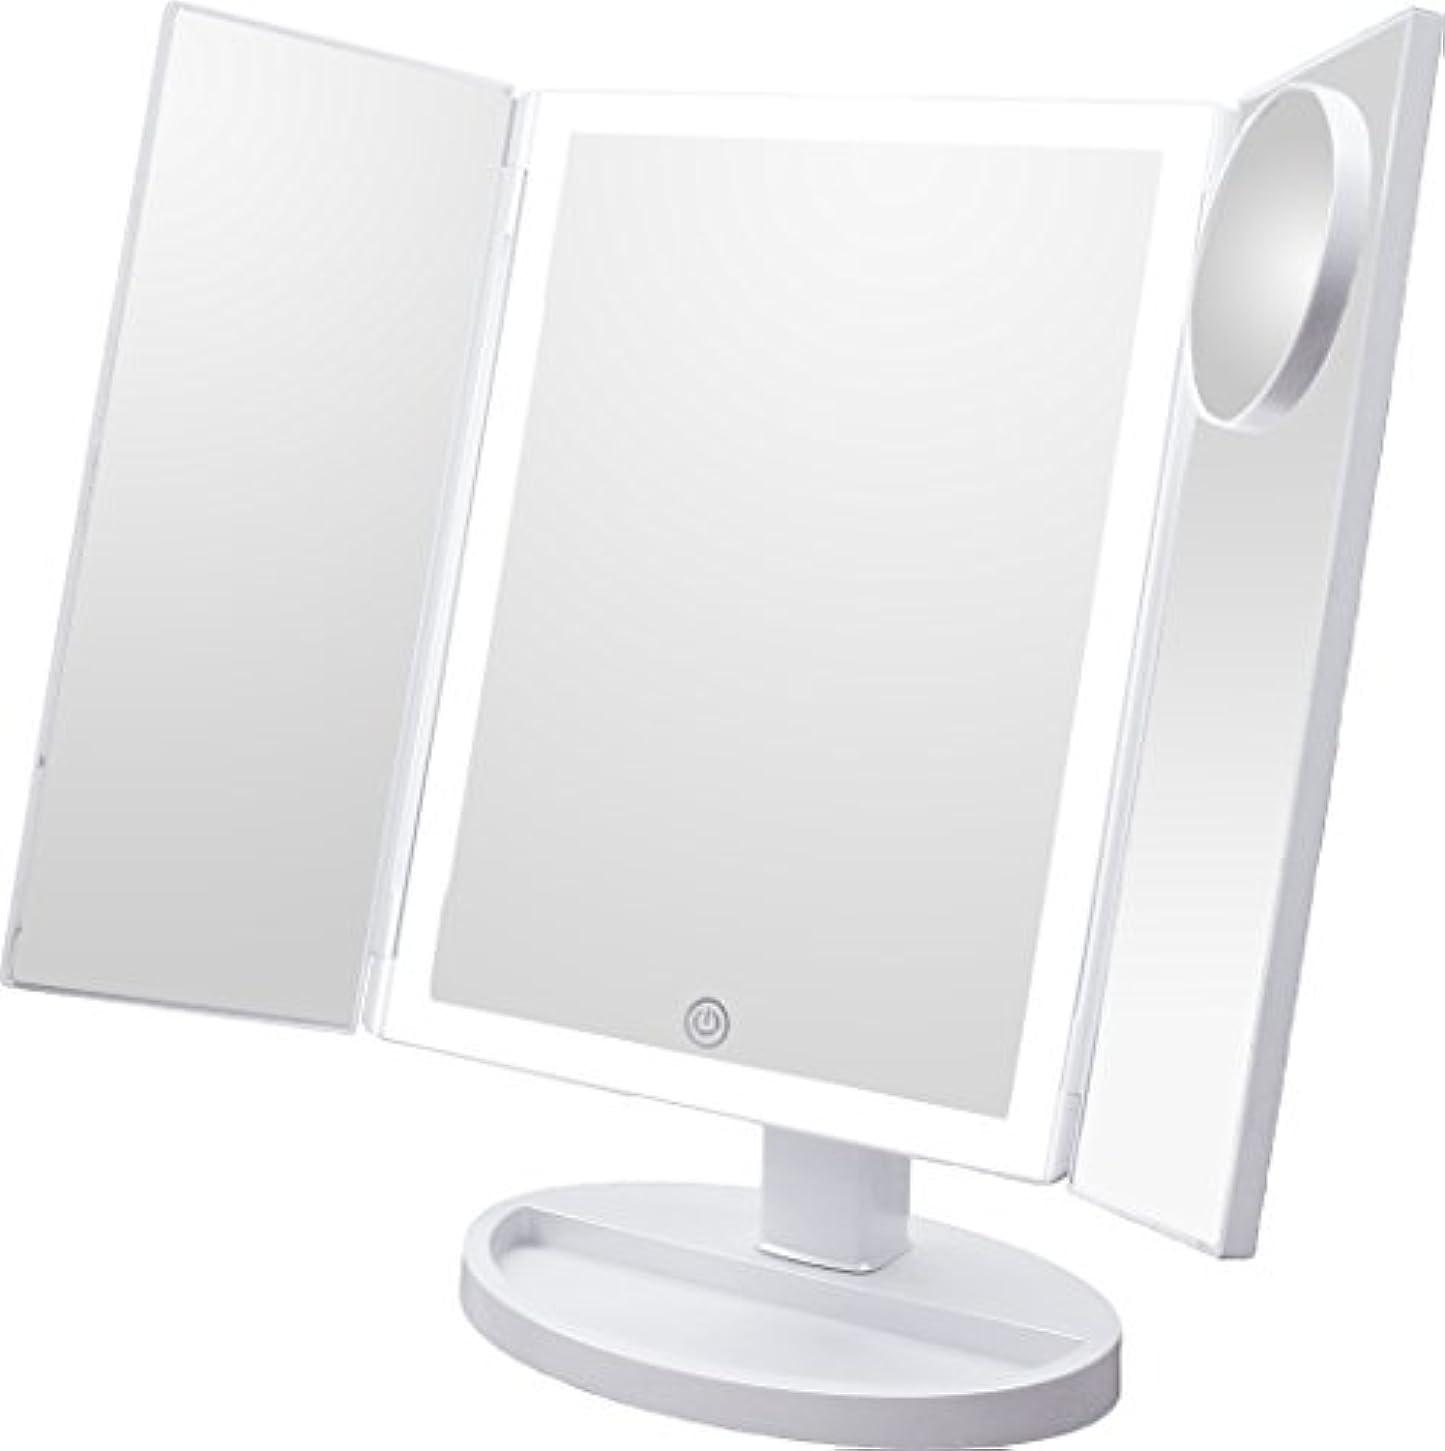 カバーチャンバーキルスLEDミラー LEDバー 3面鏡 10倍拡大鏡付き 女優ミラー メイクミラー ブライトミラー 卓上ミラー スタンドミラー (ホワイト)